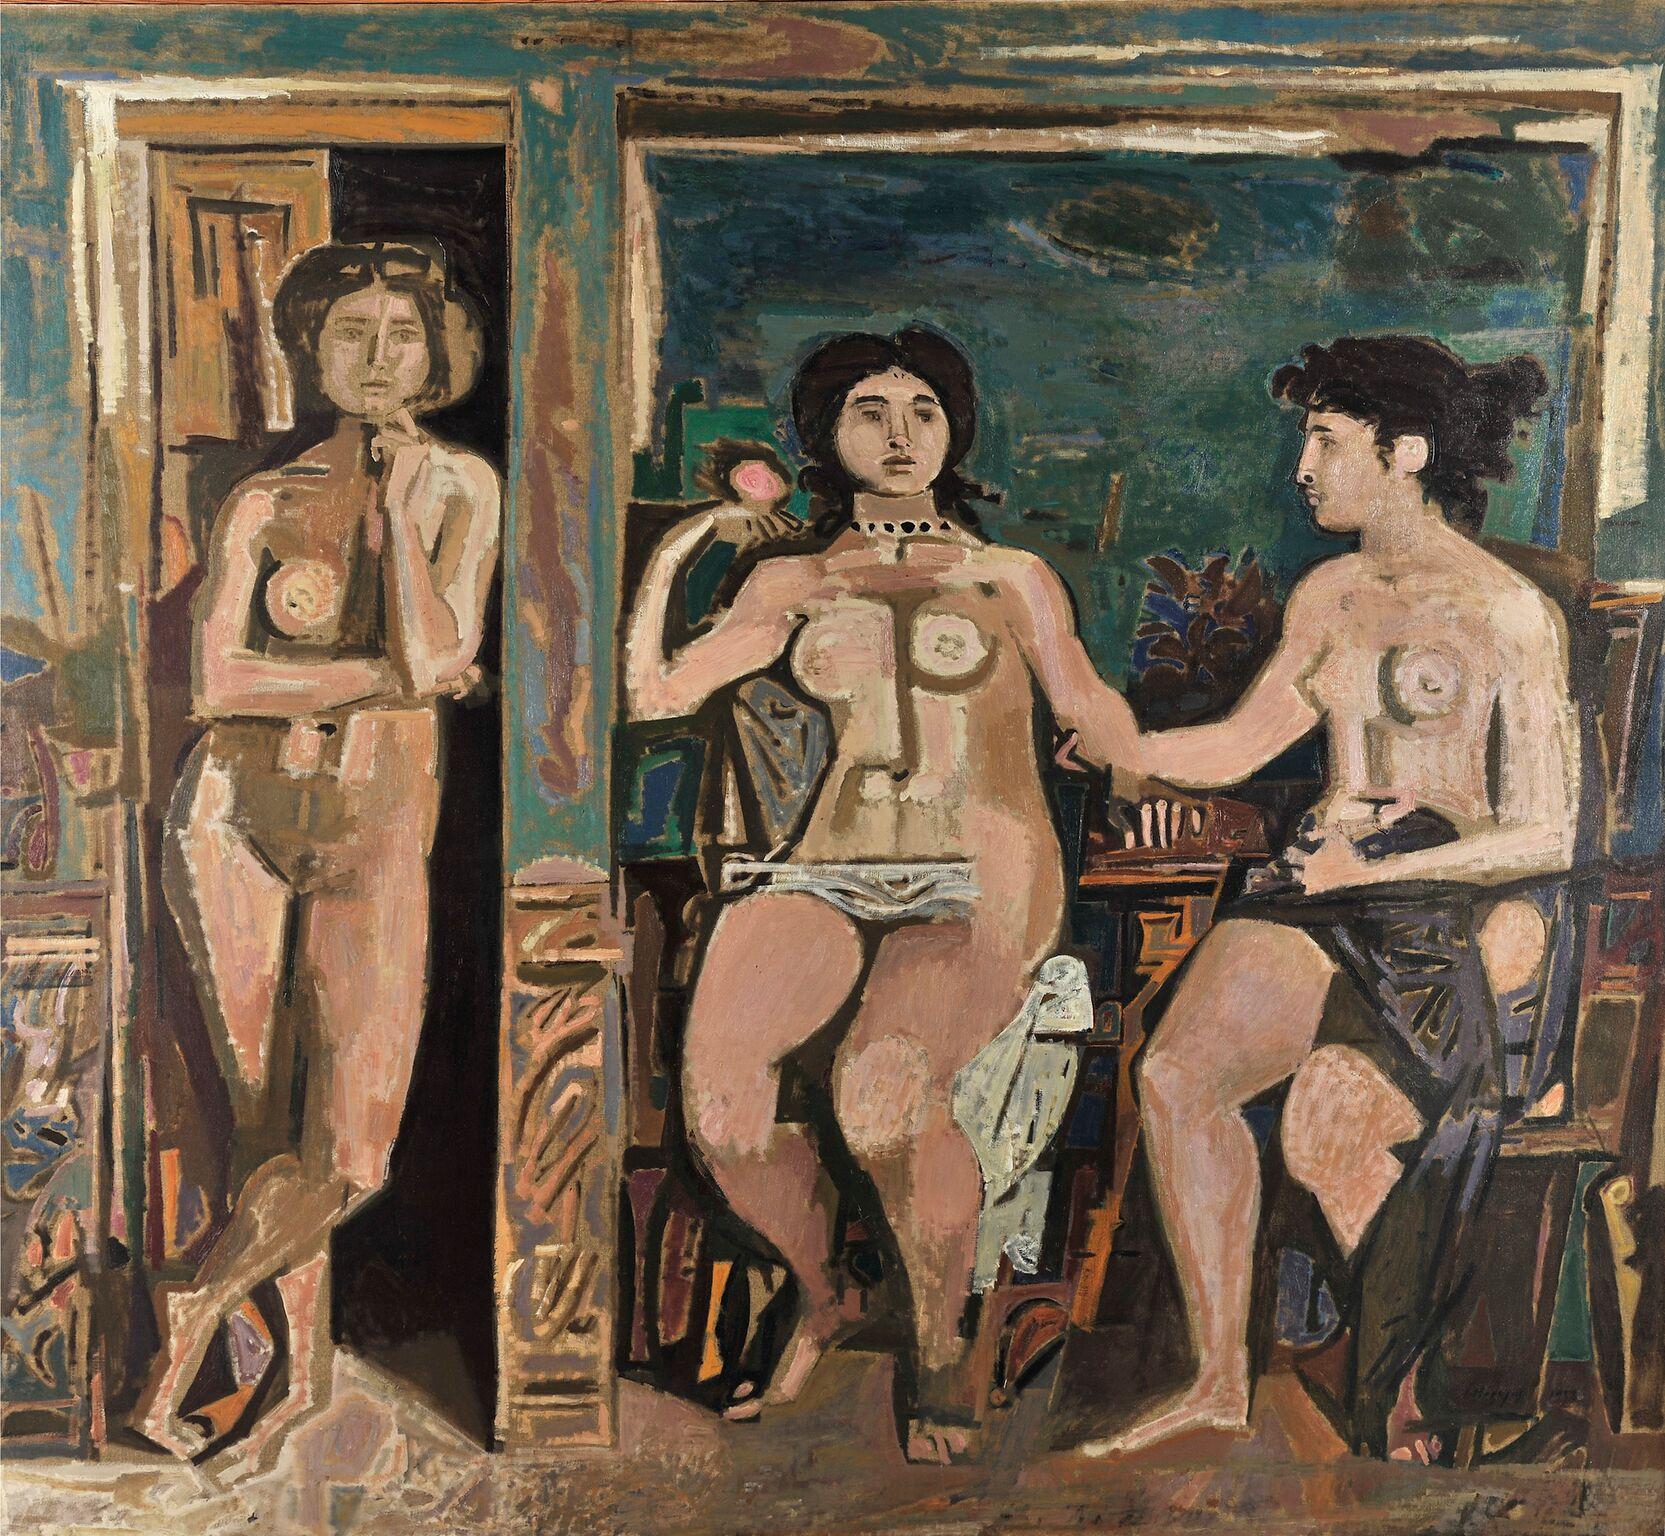 Επιτύμβιο, 1958, Λάδι σε μουσαμά, Εθνική Πινακοθήκη-Μουσείο Αλεξάνδρου Σούτσου Π.2432. ©Εθνική Πινακοθήκη-Μουσείο Αλεξάνδρου Σούτσου, Φωτ. Σταύρος Ψηρούκης